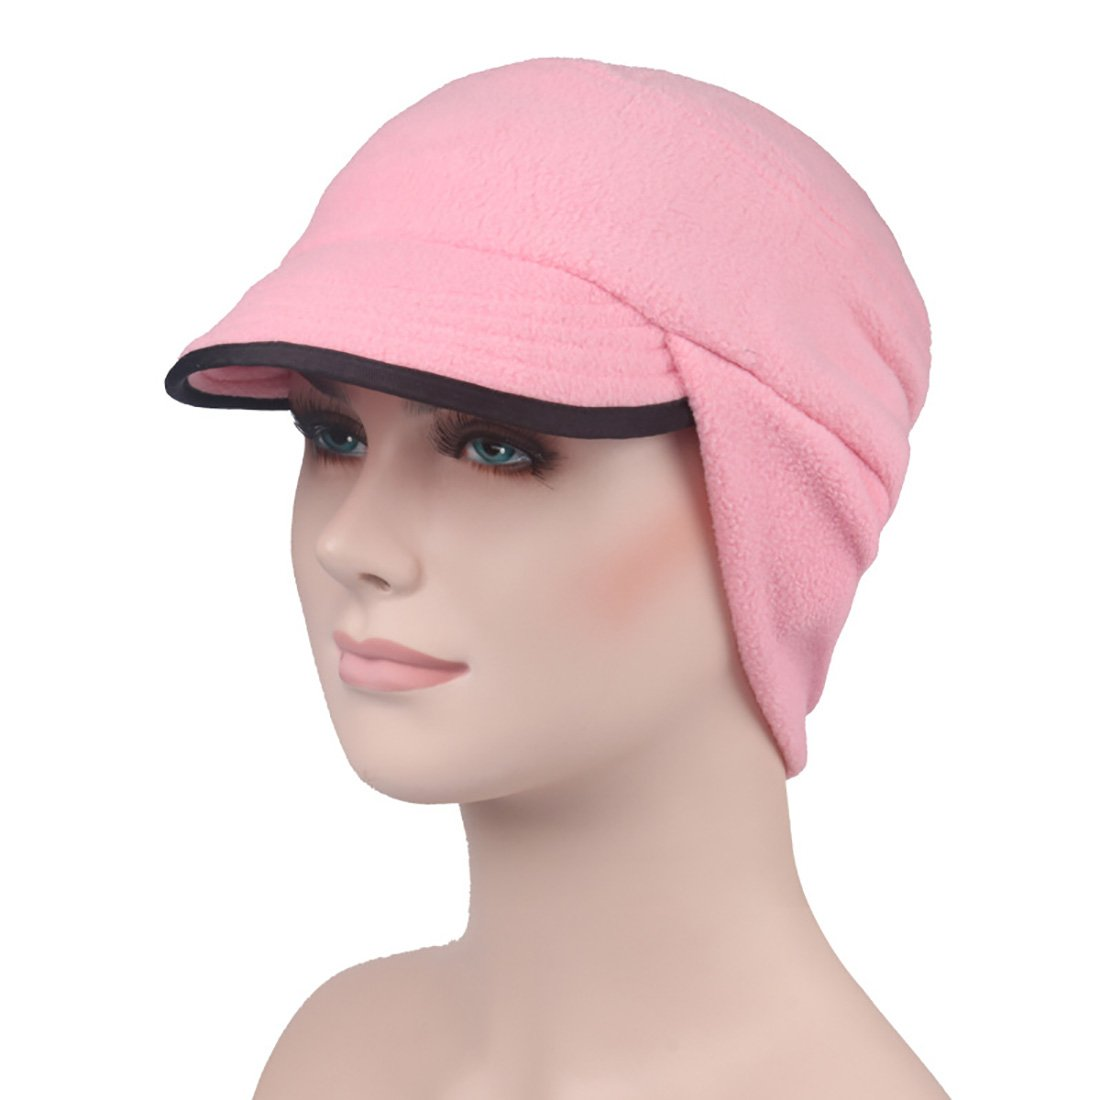 BeFur Unisex Schirmmütze Winddichte Wintermütze Ohrenschutz Fahrkappe Gesichtsmaske Skimaske schiebermütze Schildmütze